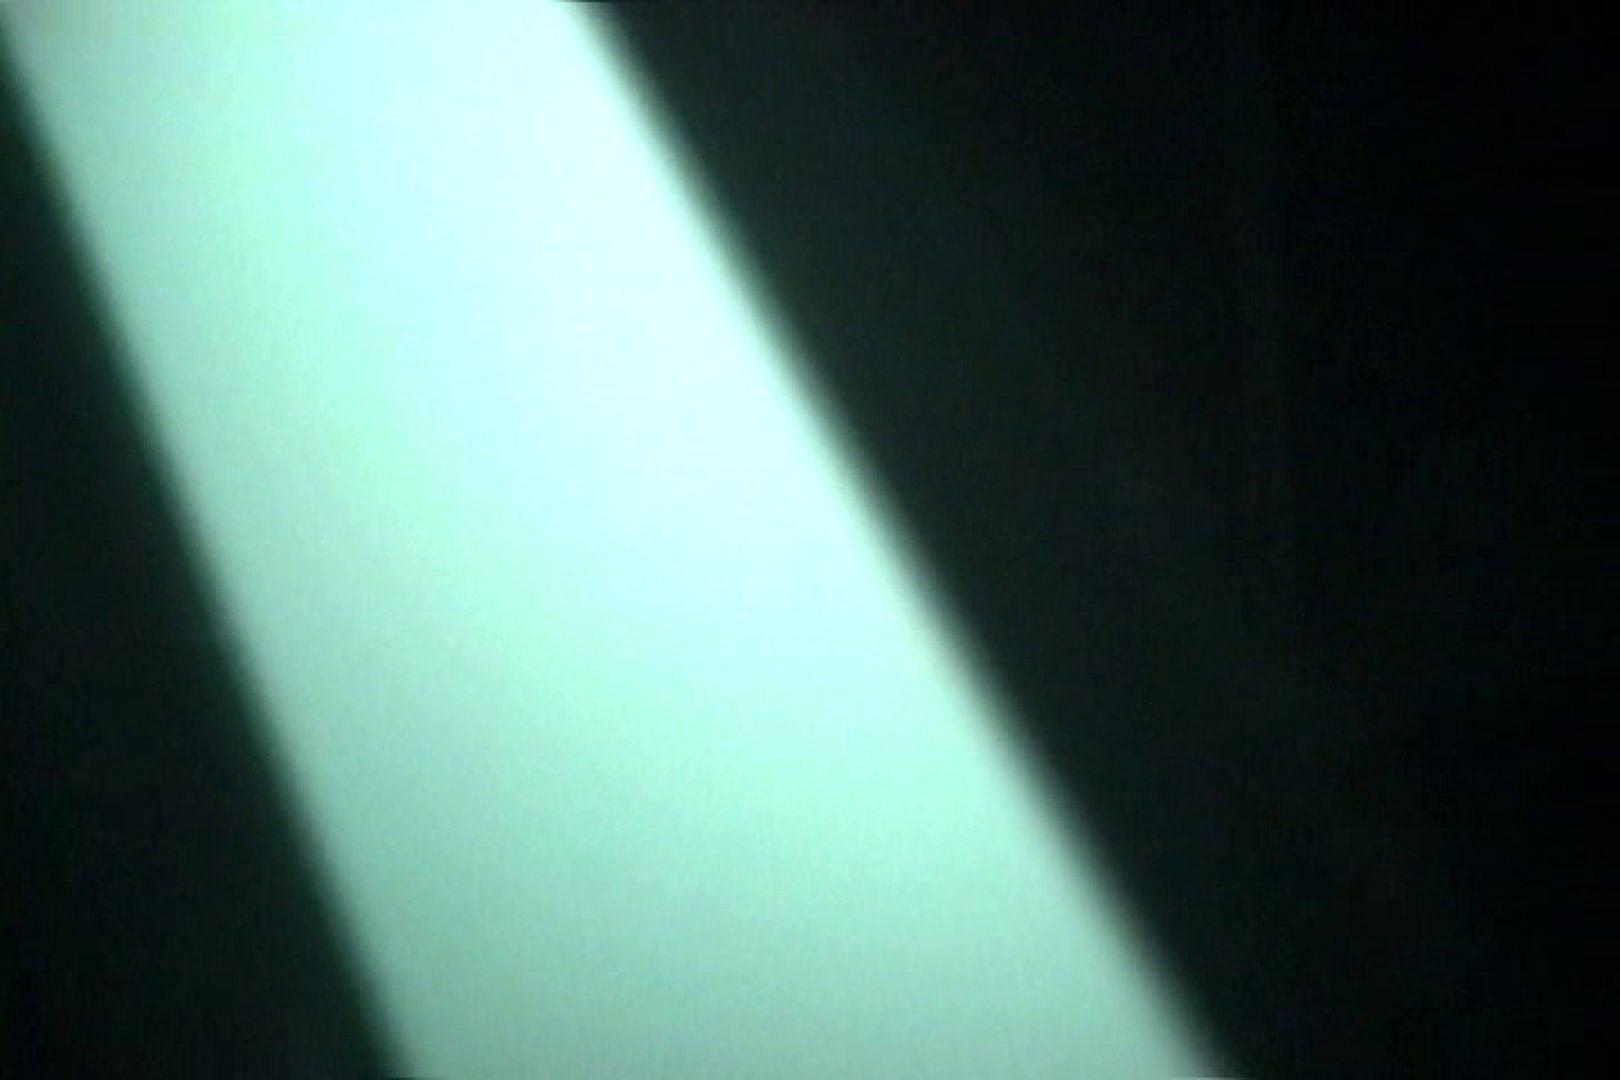 充血監督の深夜の運動会Vol.148 エッチなセックス ヌード画像 88画像 56